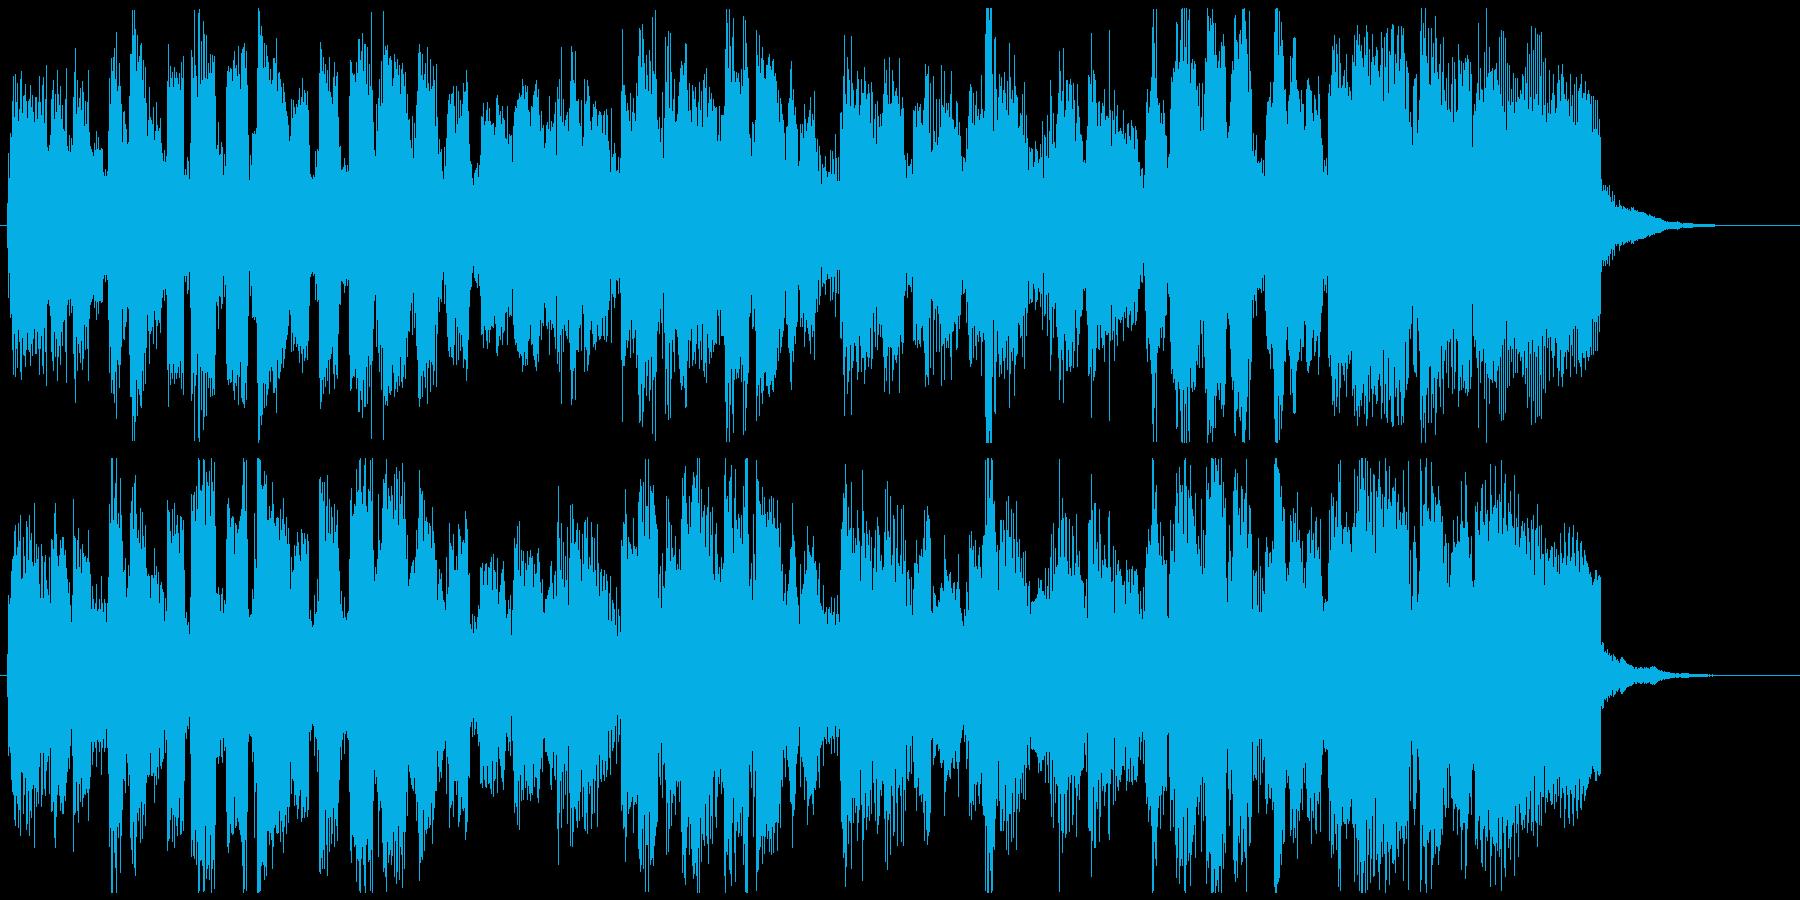 柔らかい高音サックスジャズ15秒ジングルの再生済みの波形